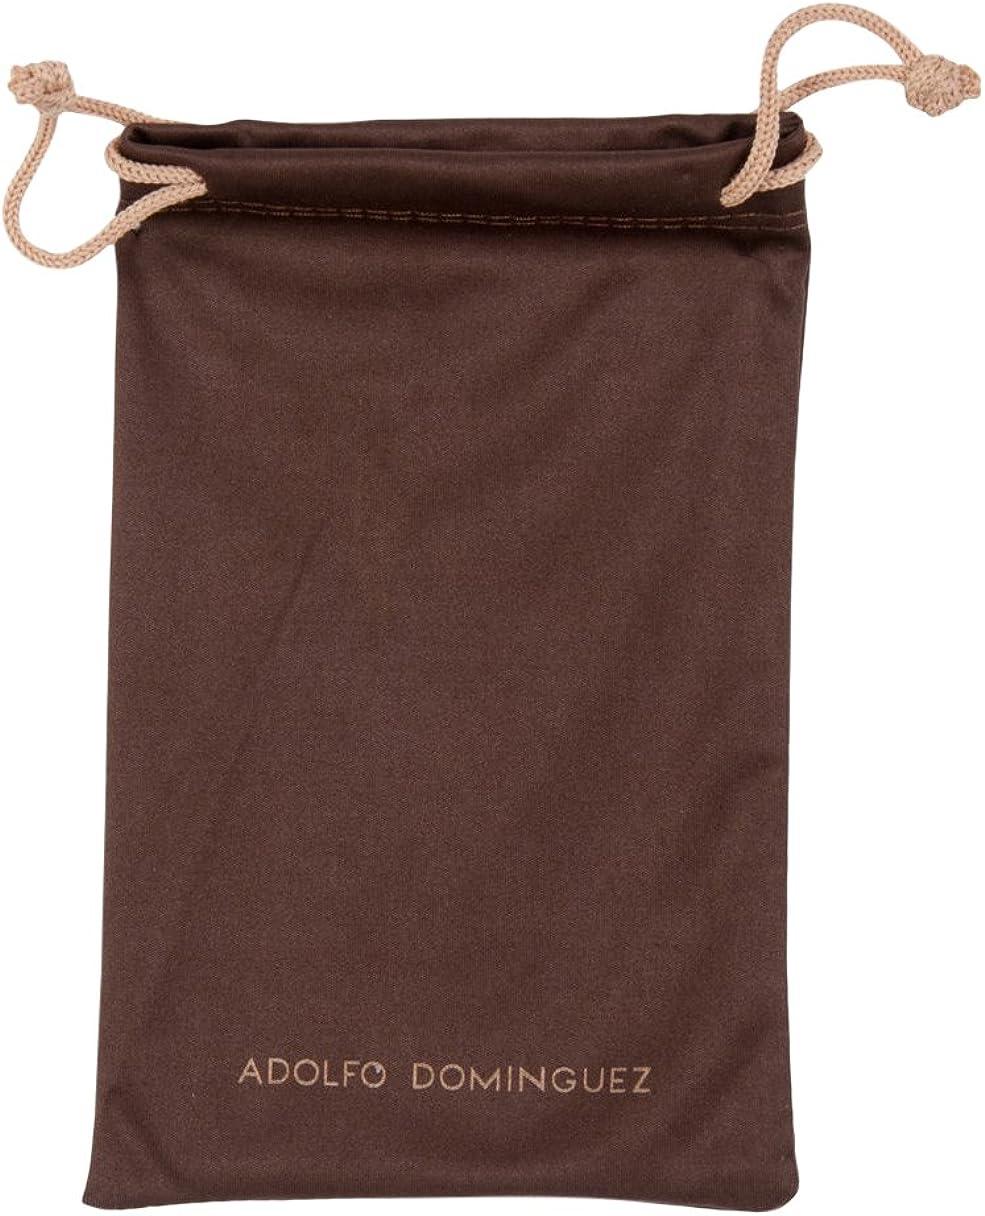 Adolfo Dominguez Gafas de Sol AD14090-175 (60 mm) Rojo: Amazon.es: Zapatos y complementos